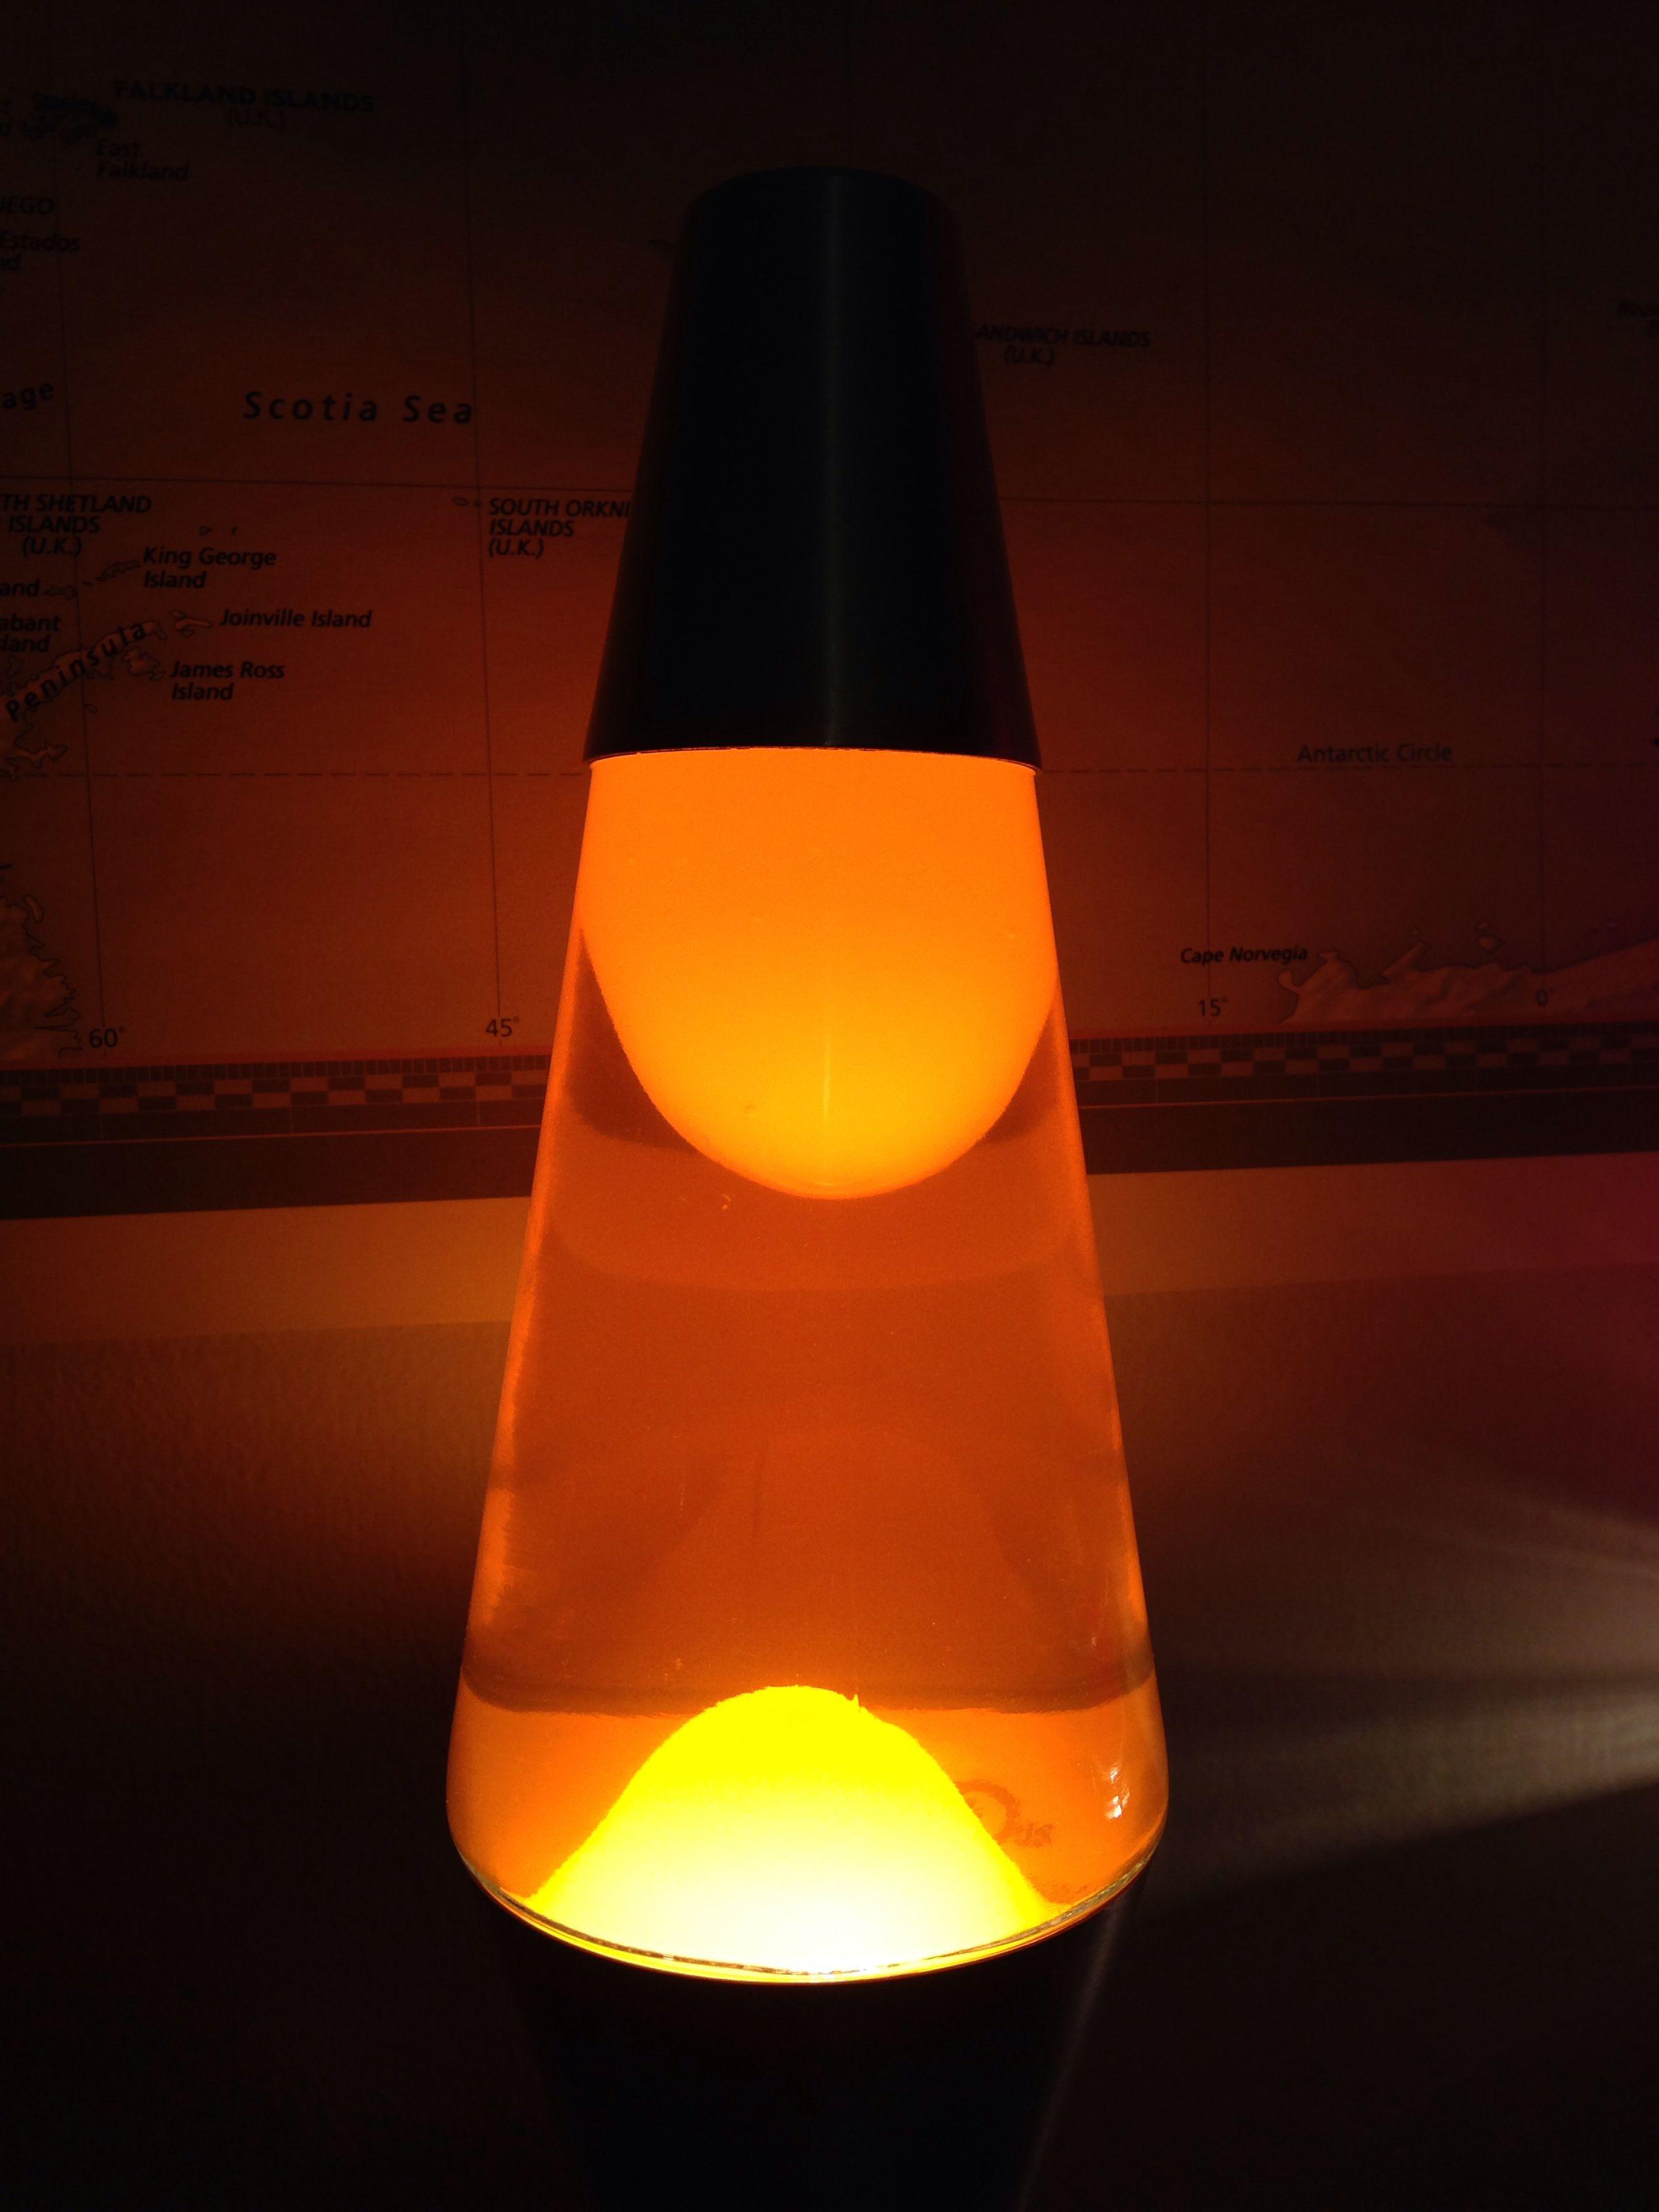 Eleven Inch Lava Lamp With Orange Liquid And White Wax